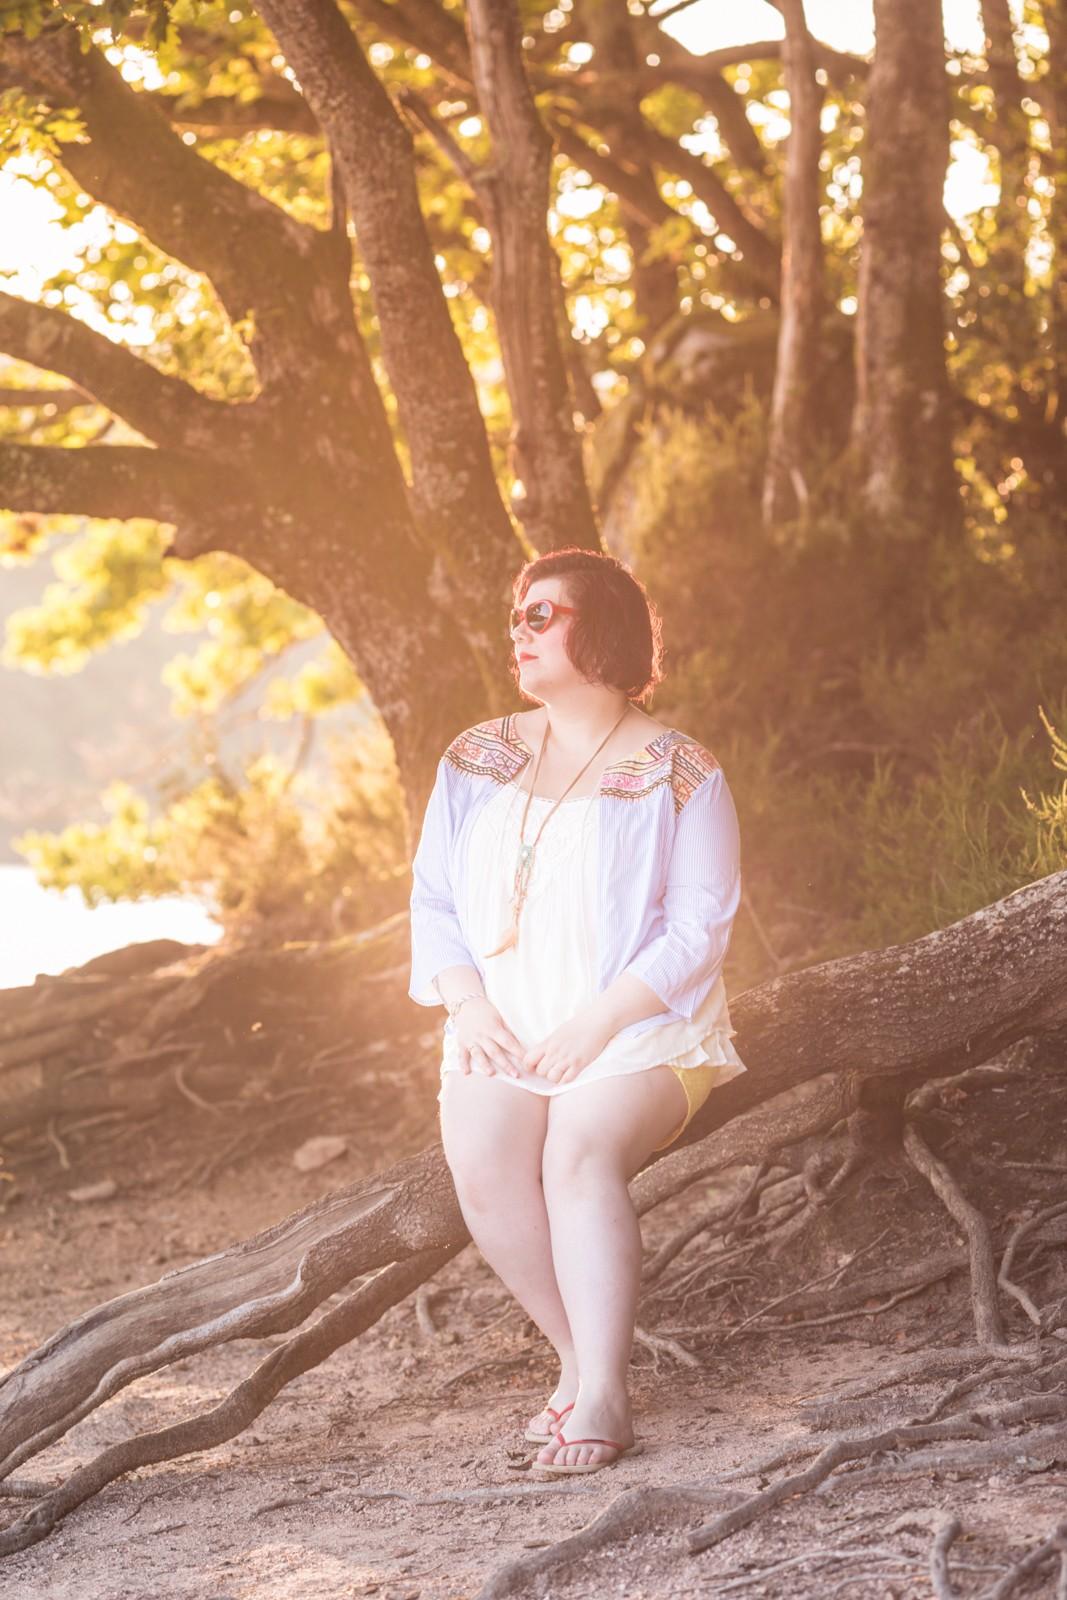 Ninaah Bulles, summer; éte, look d'éte, blancheporte, grande taille, plussize, blog mode, short, #jeportecequimeplait